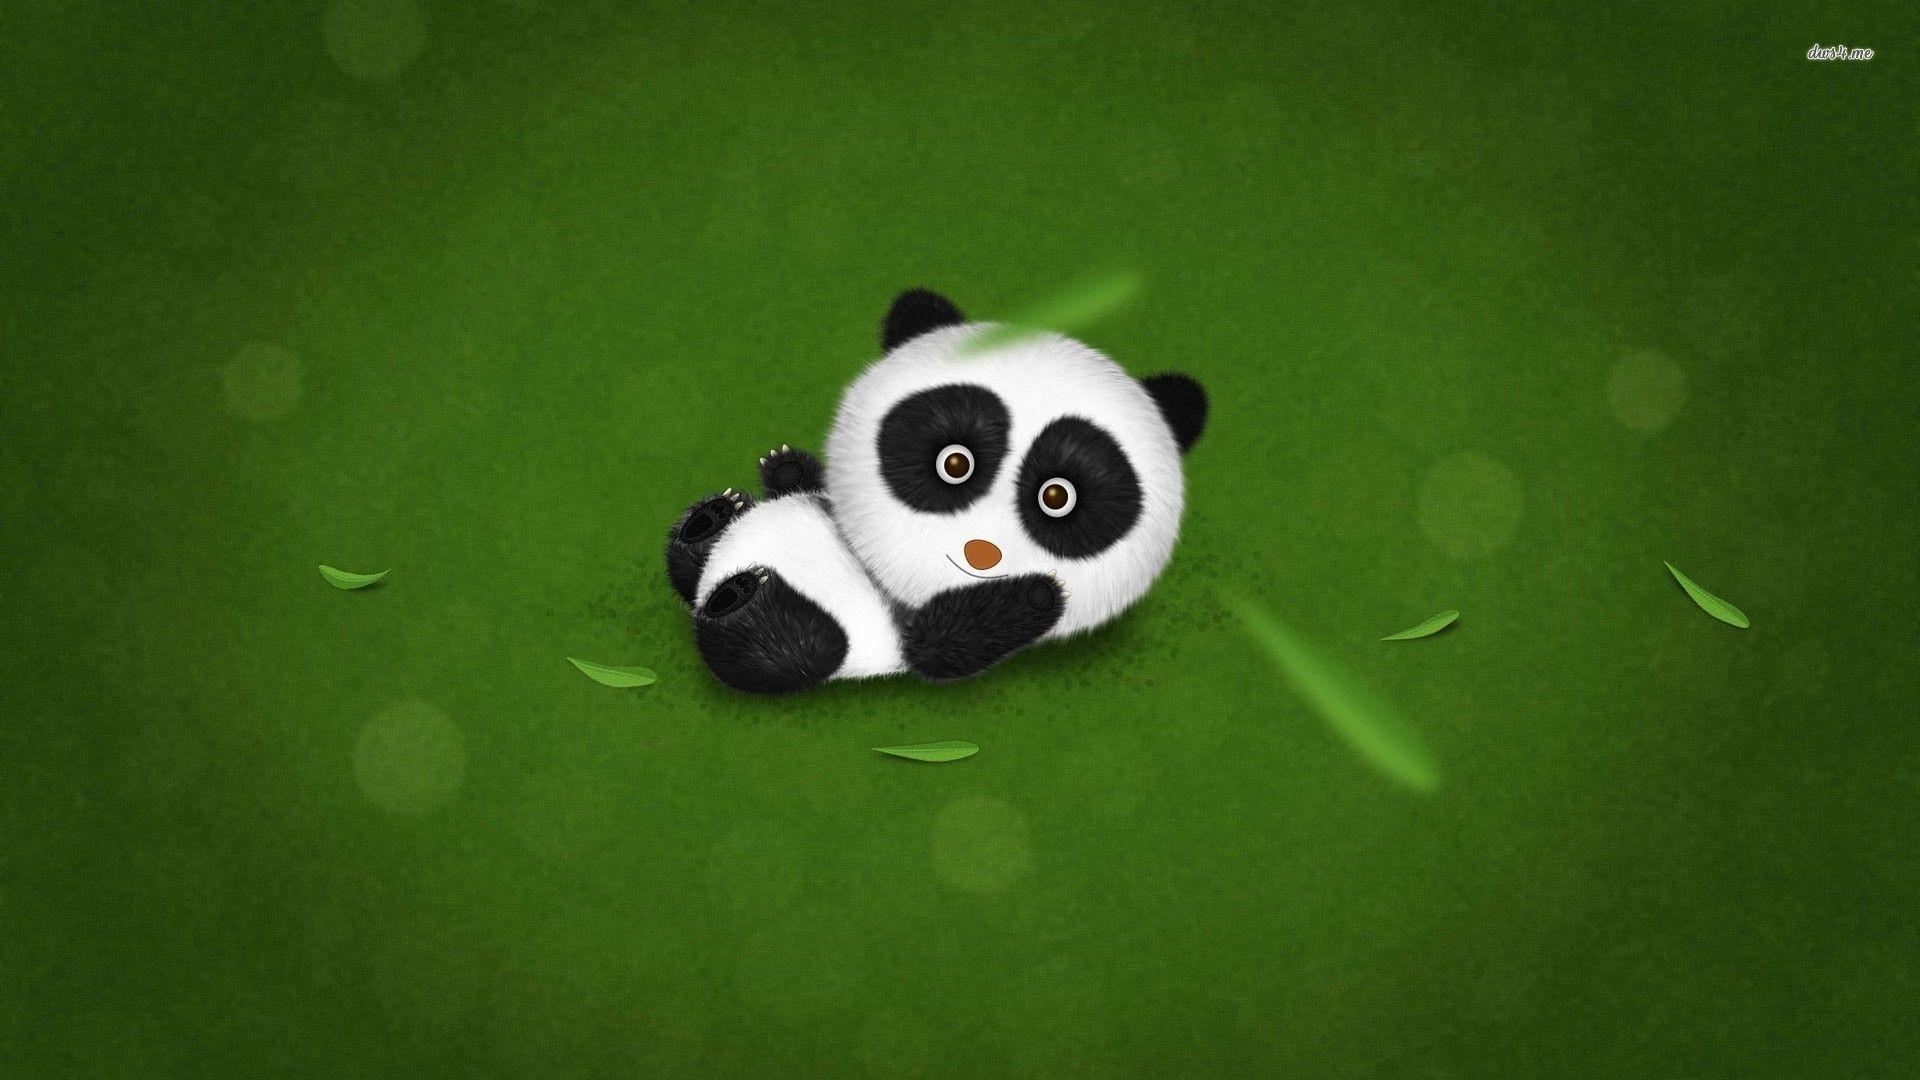 2560x1600 Cute Panda Wallpaper 15790